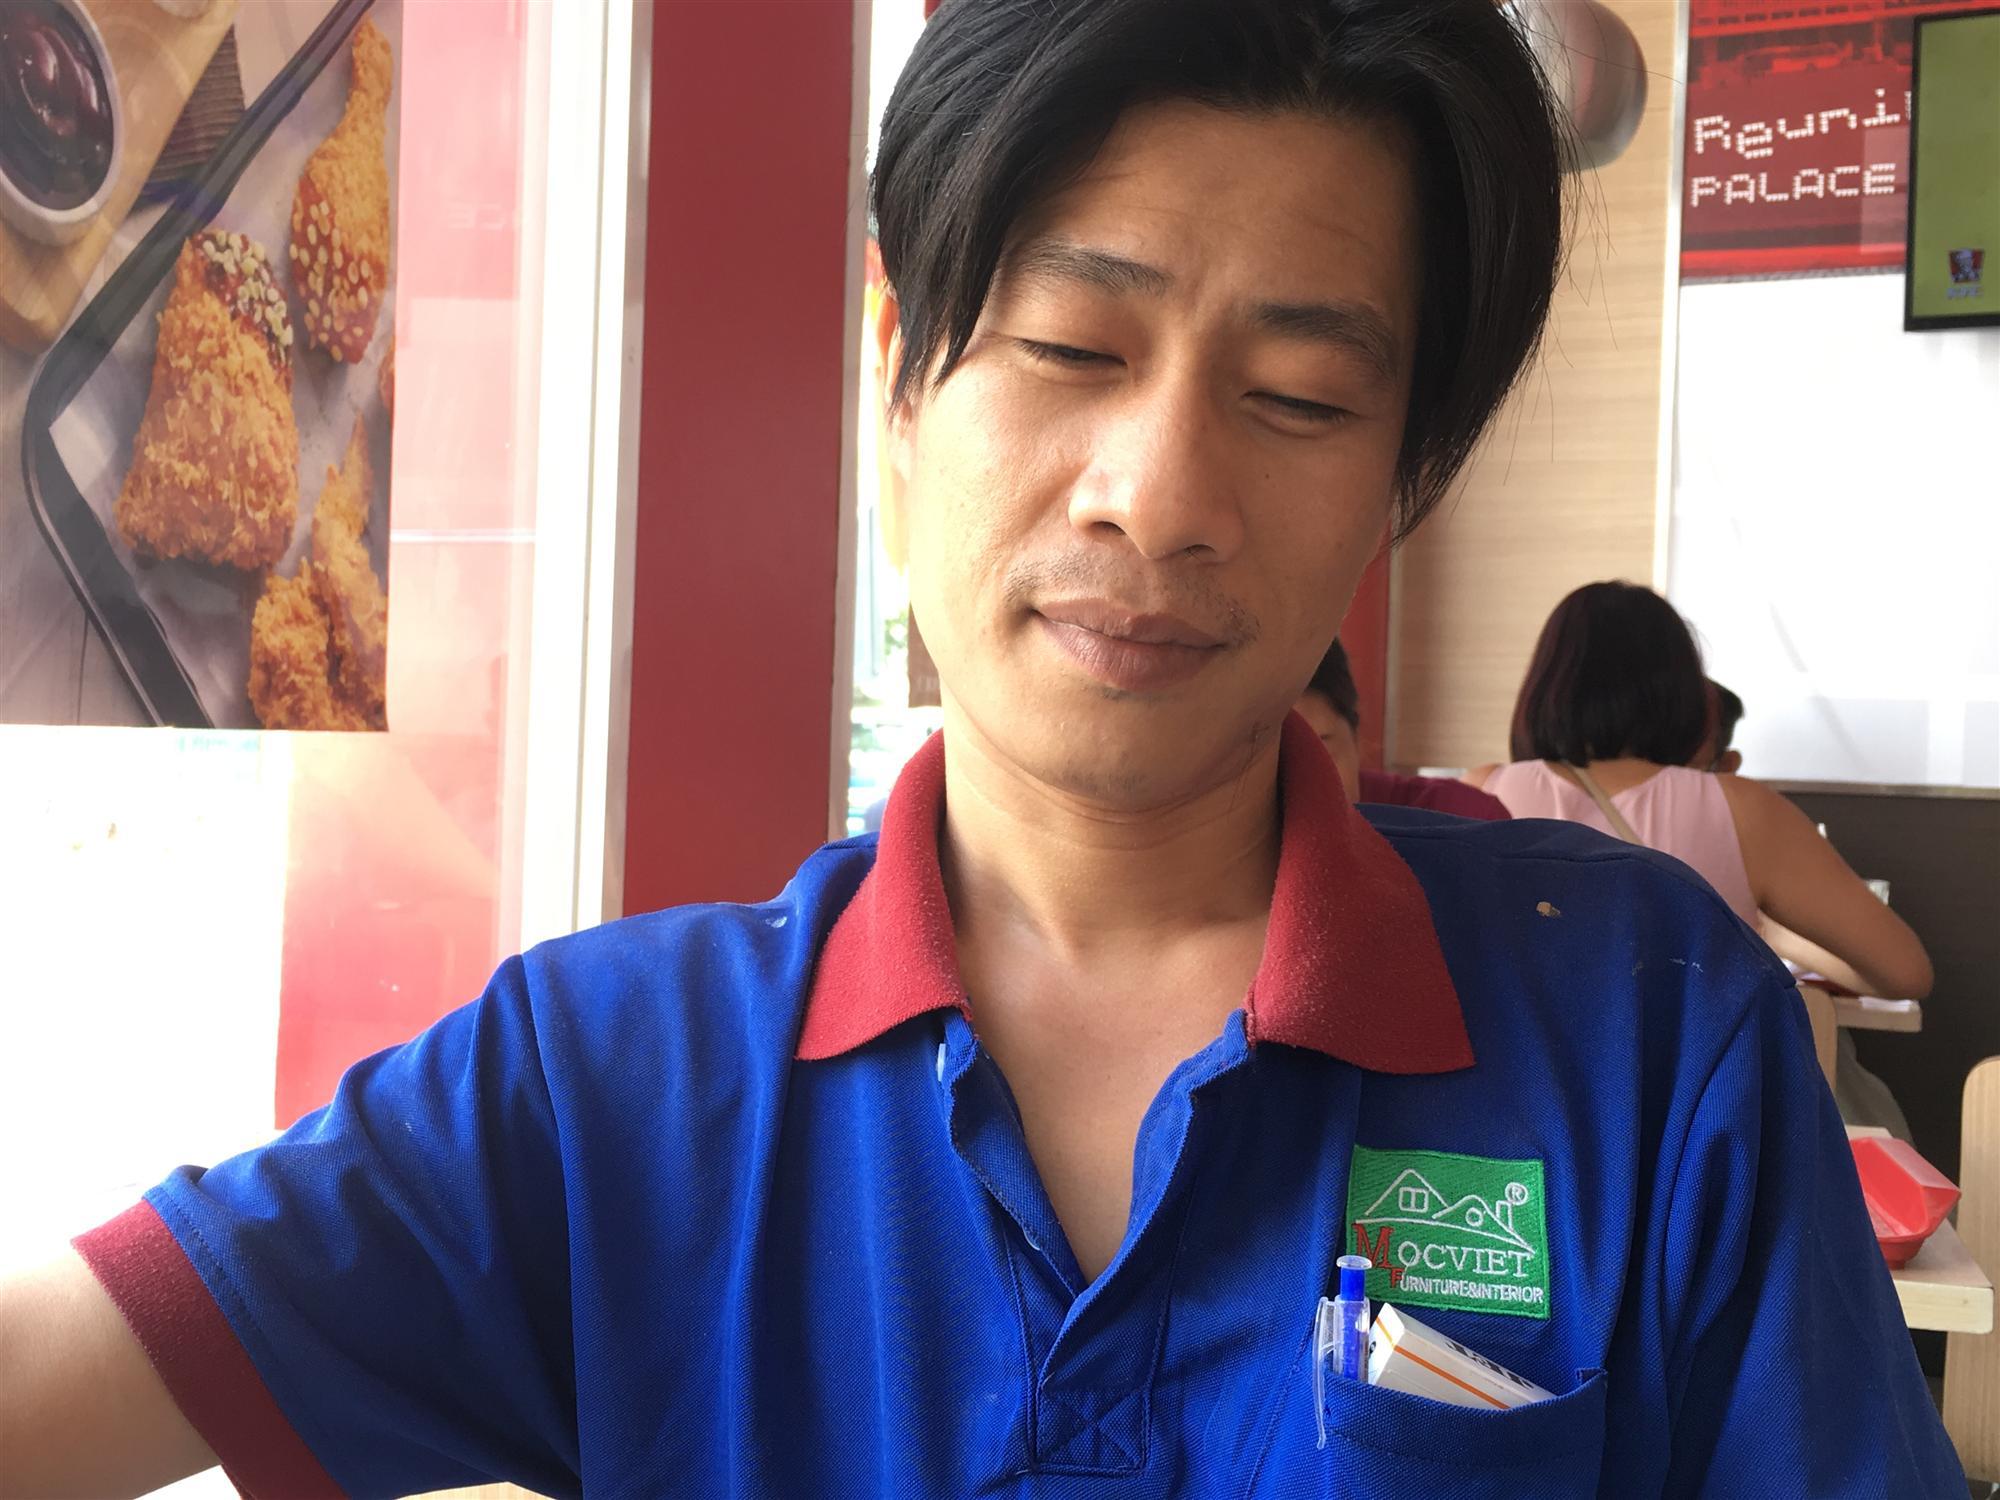 Mẹ bị bán đi Trung Quốc 20 năm, con đau xót sau khi nhìn bức ảnh-4